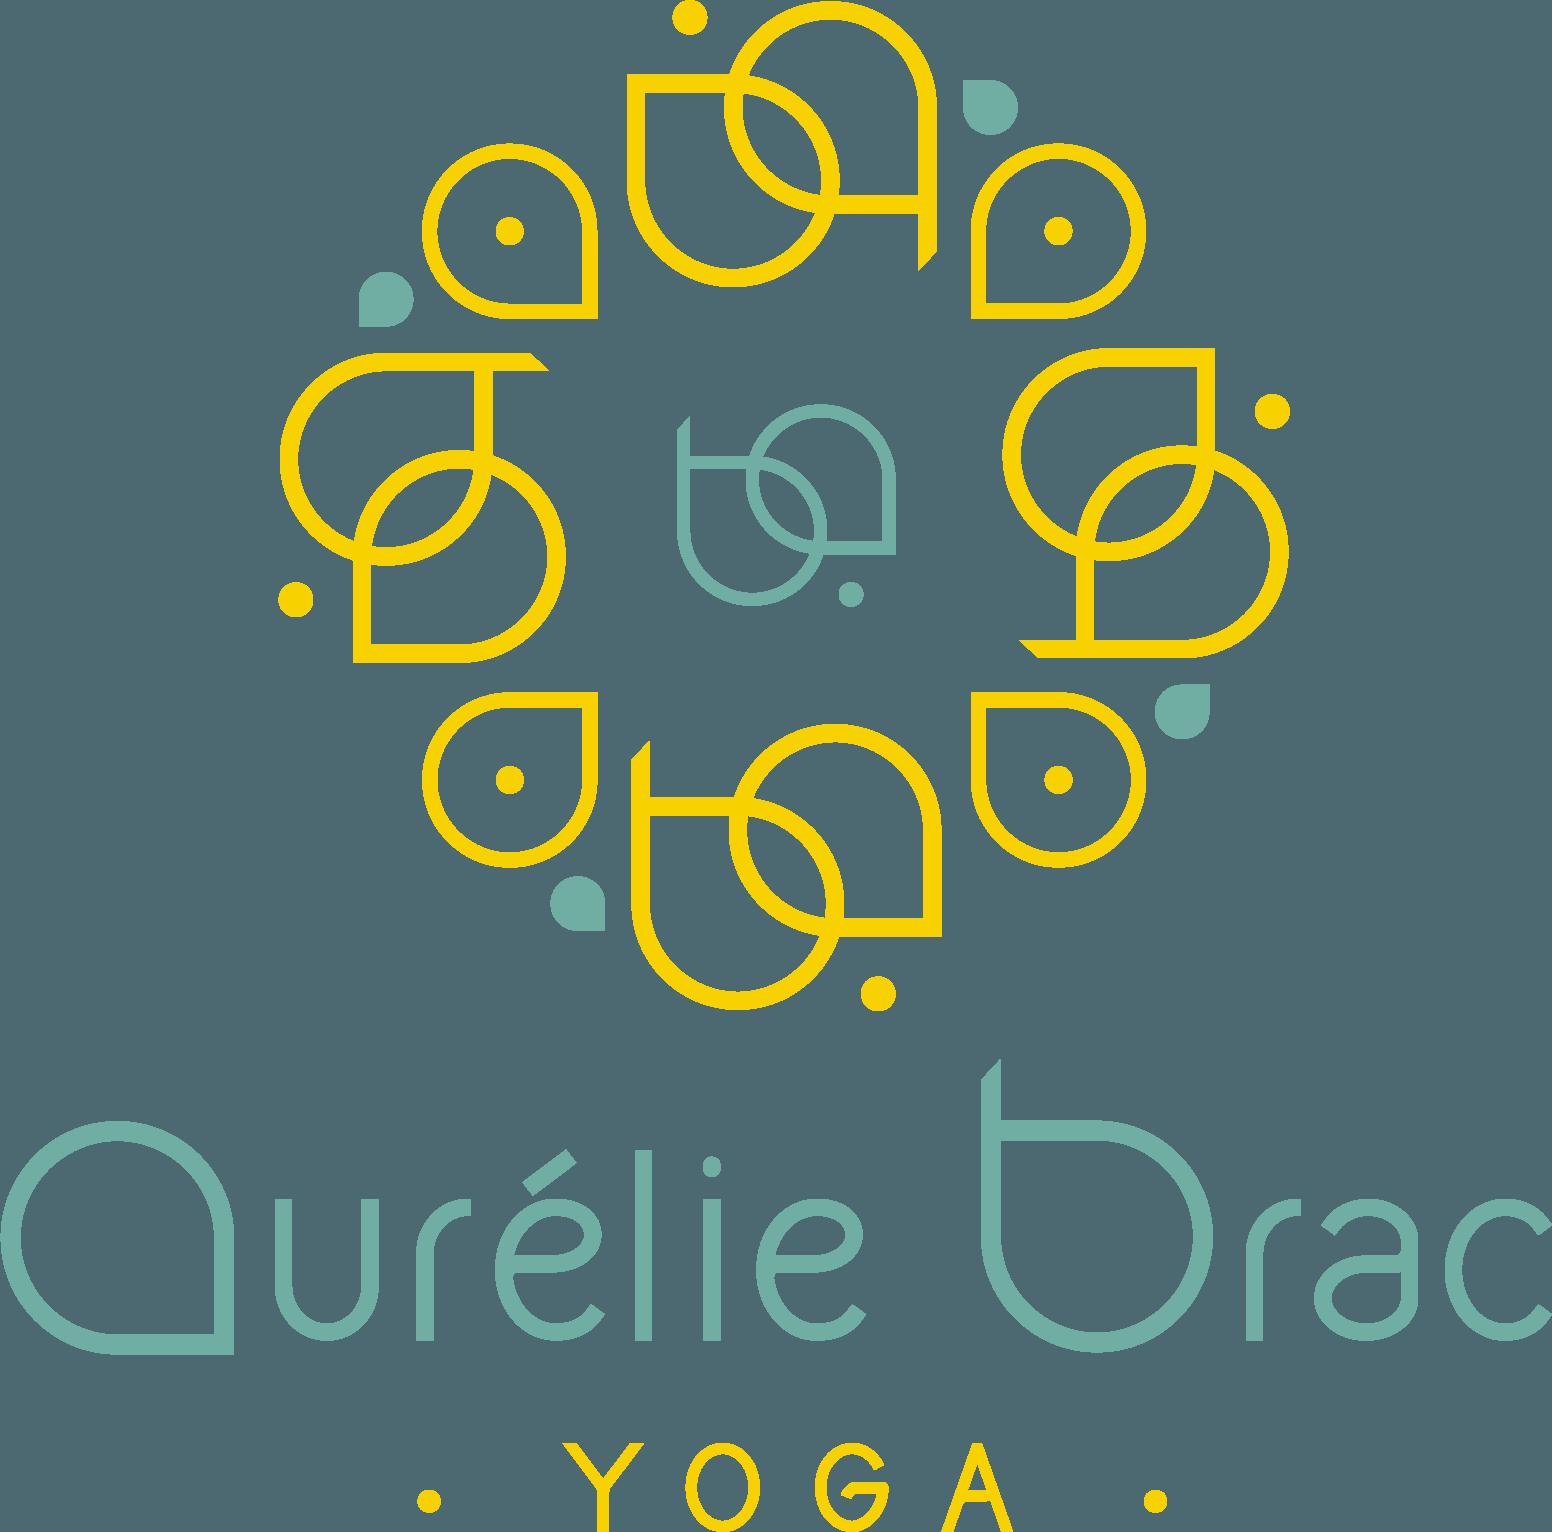 Aurelie Brac Yoga Annecy